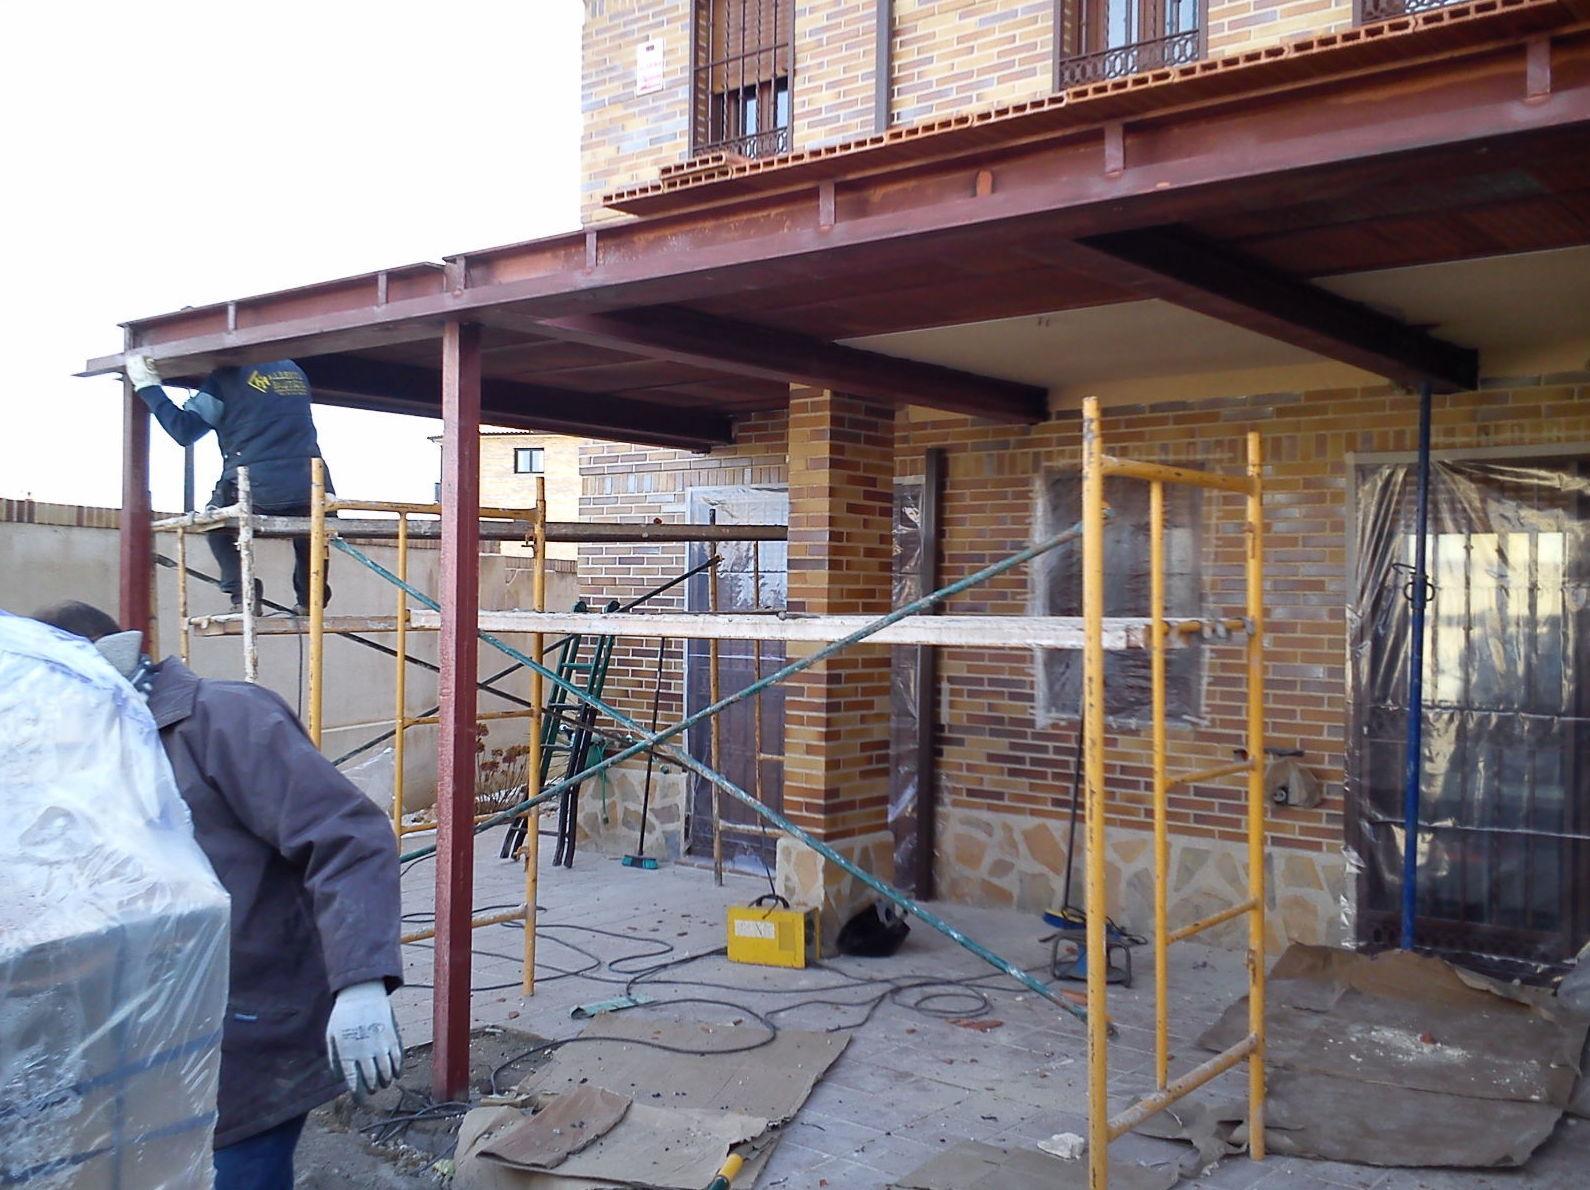 Estructura met lica de porche en vivienda unifamiliar trabajos de cerrajer a alberto bautista - Estructura metalica vivienda ...